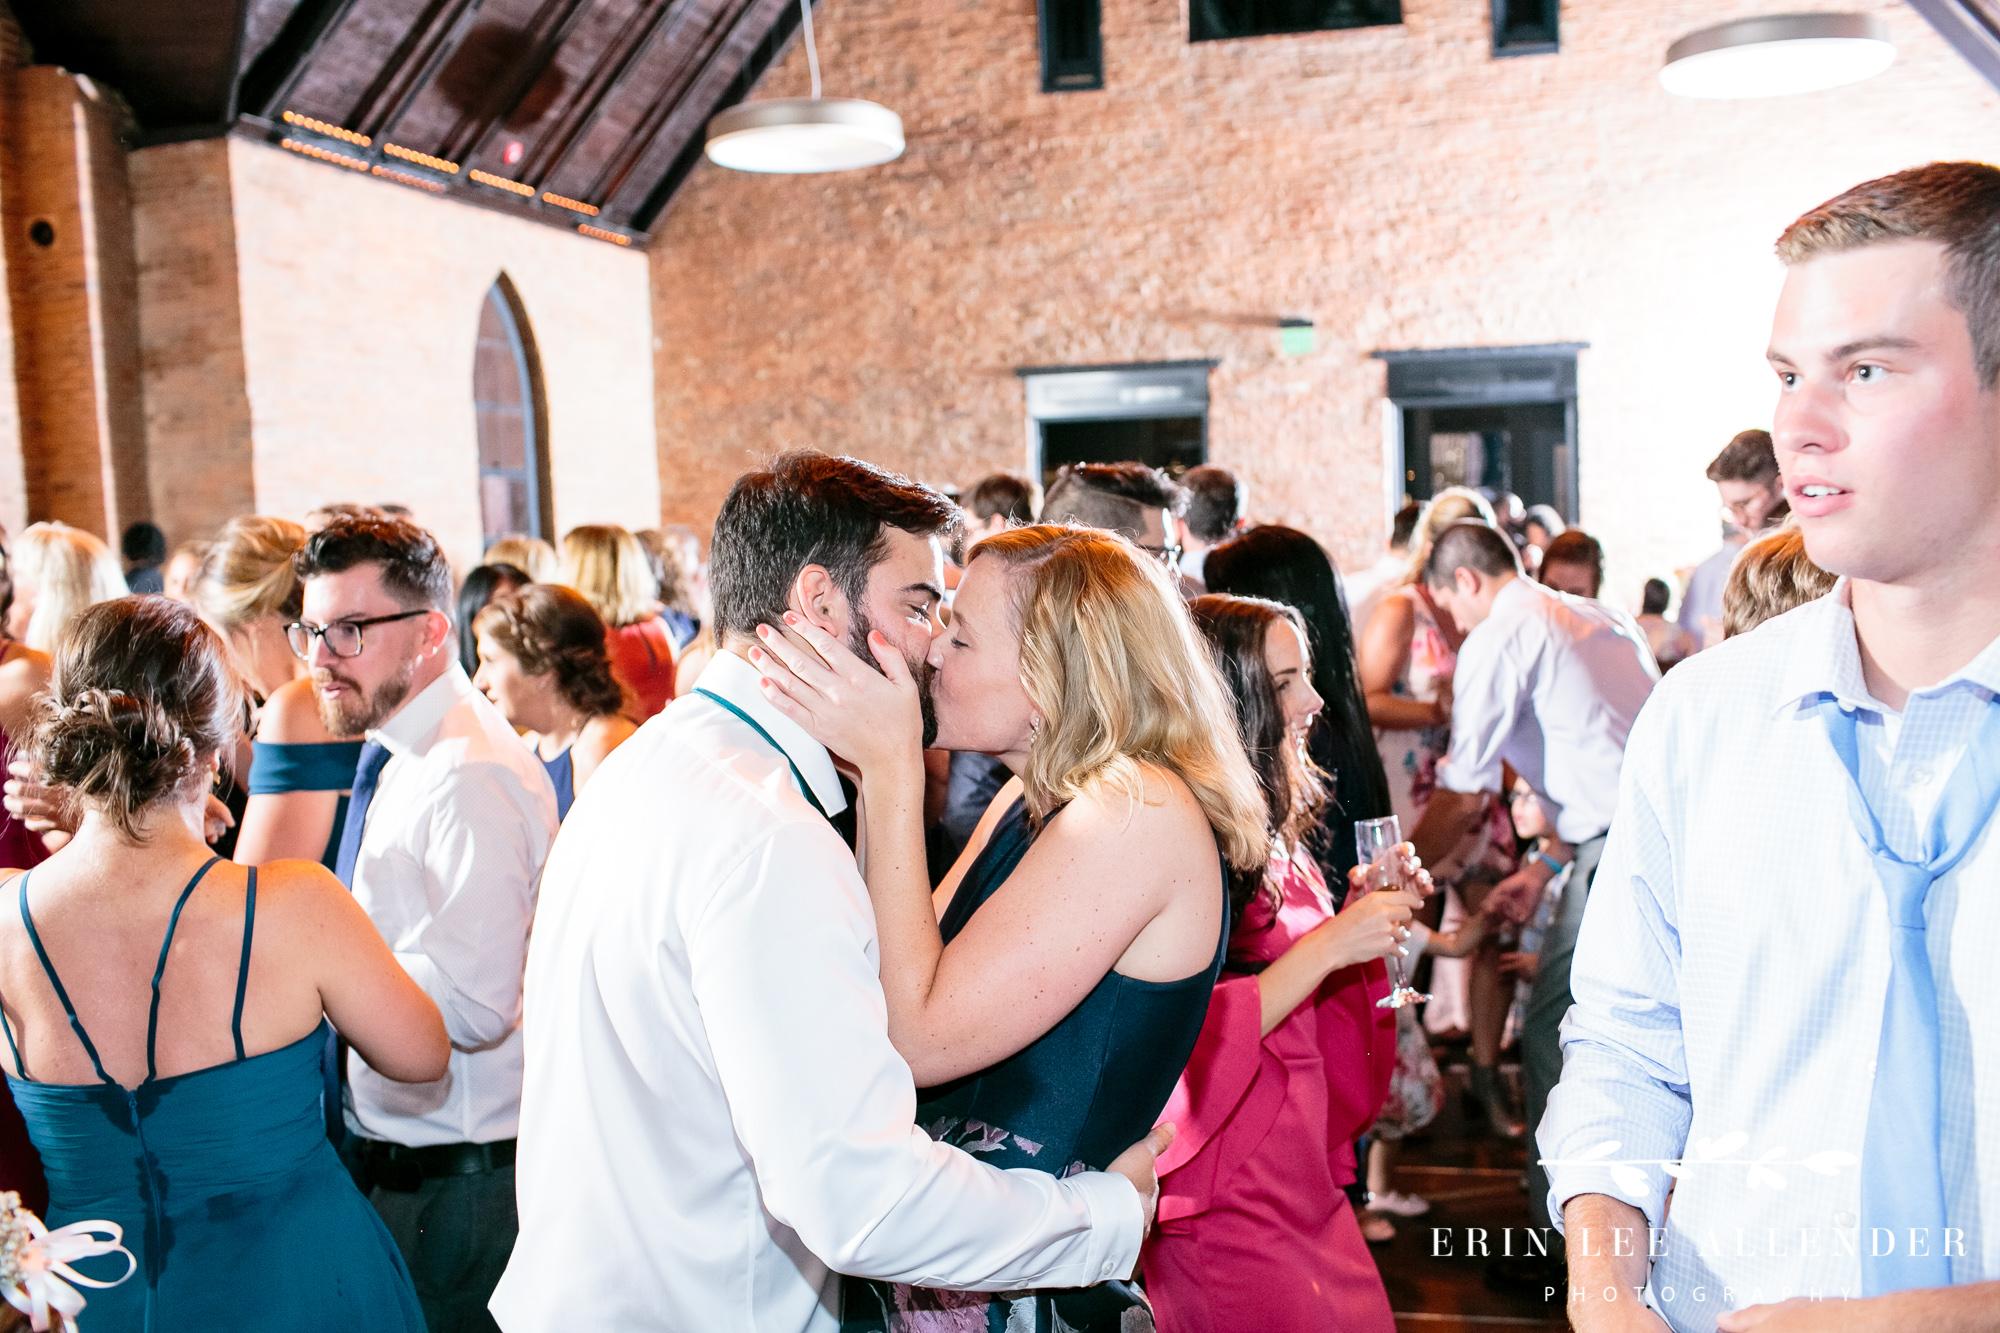 Guests_Kiss_On_Dance_Floor